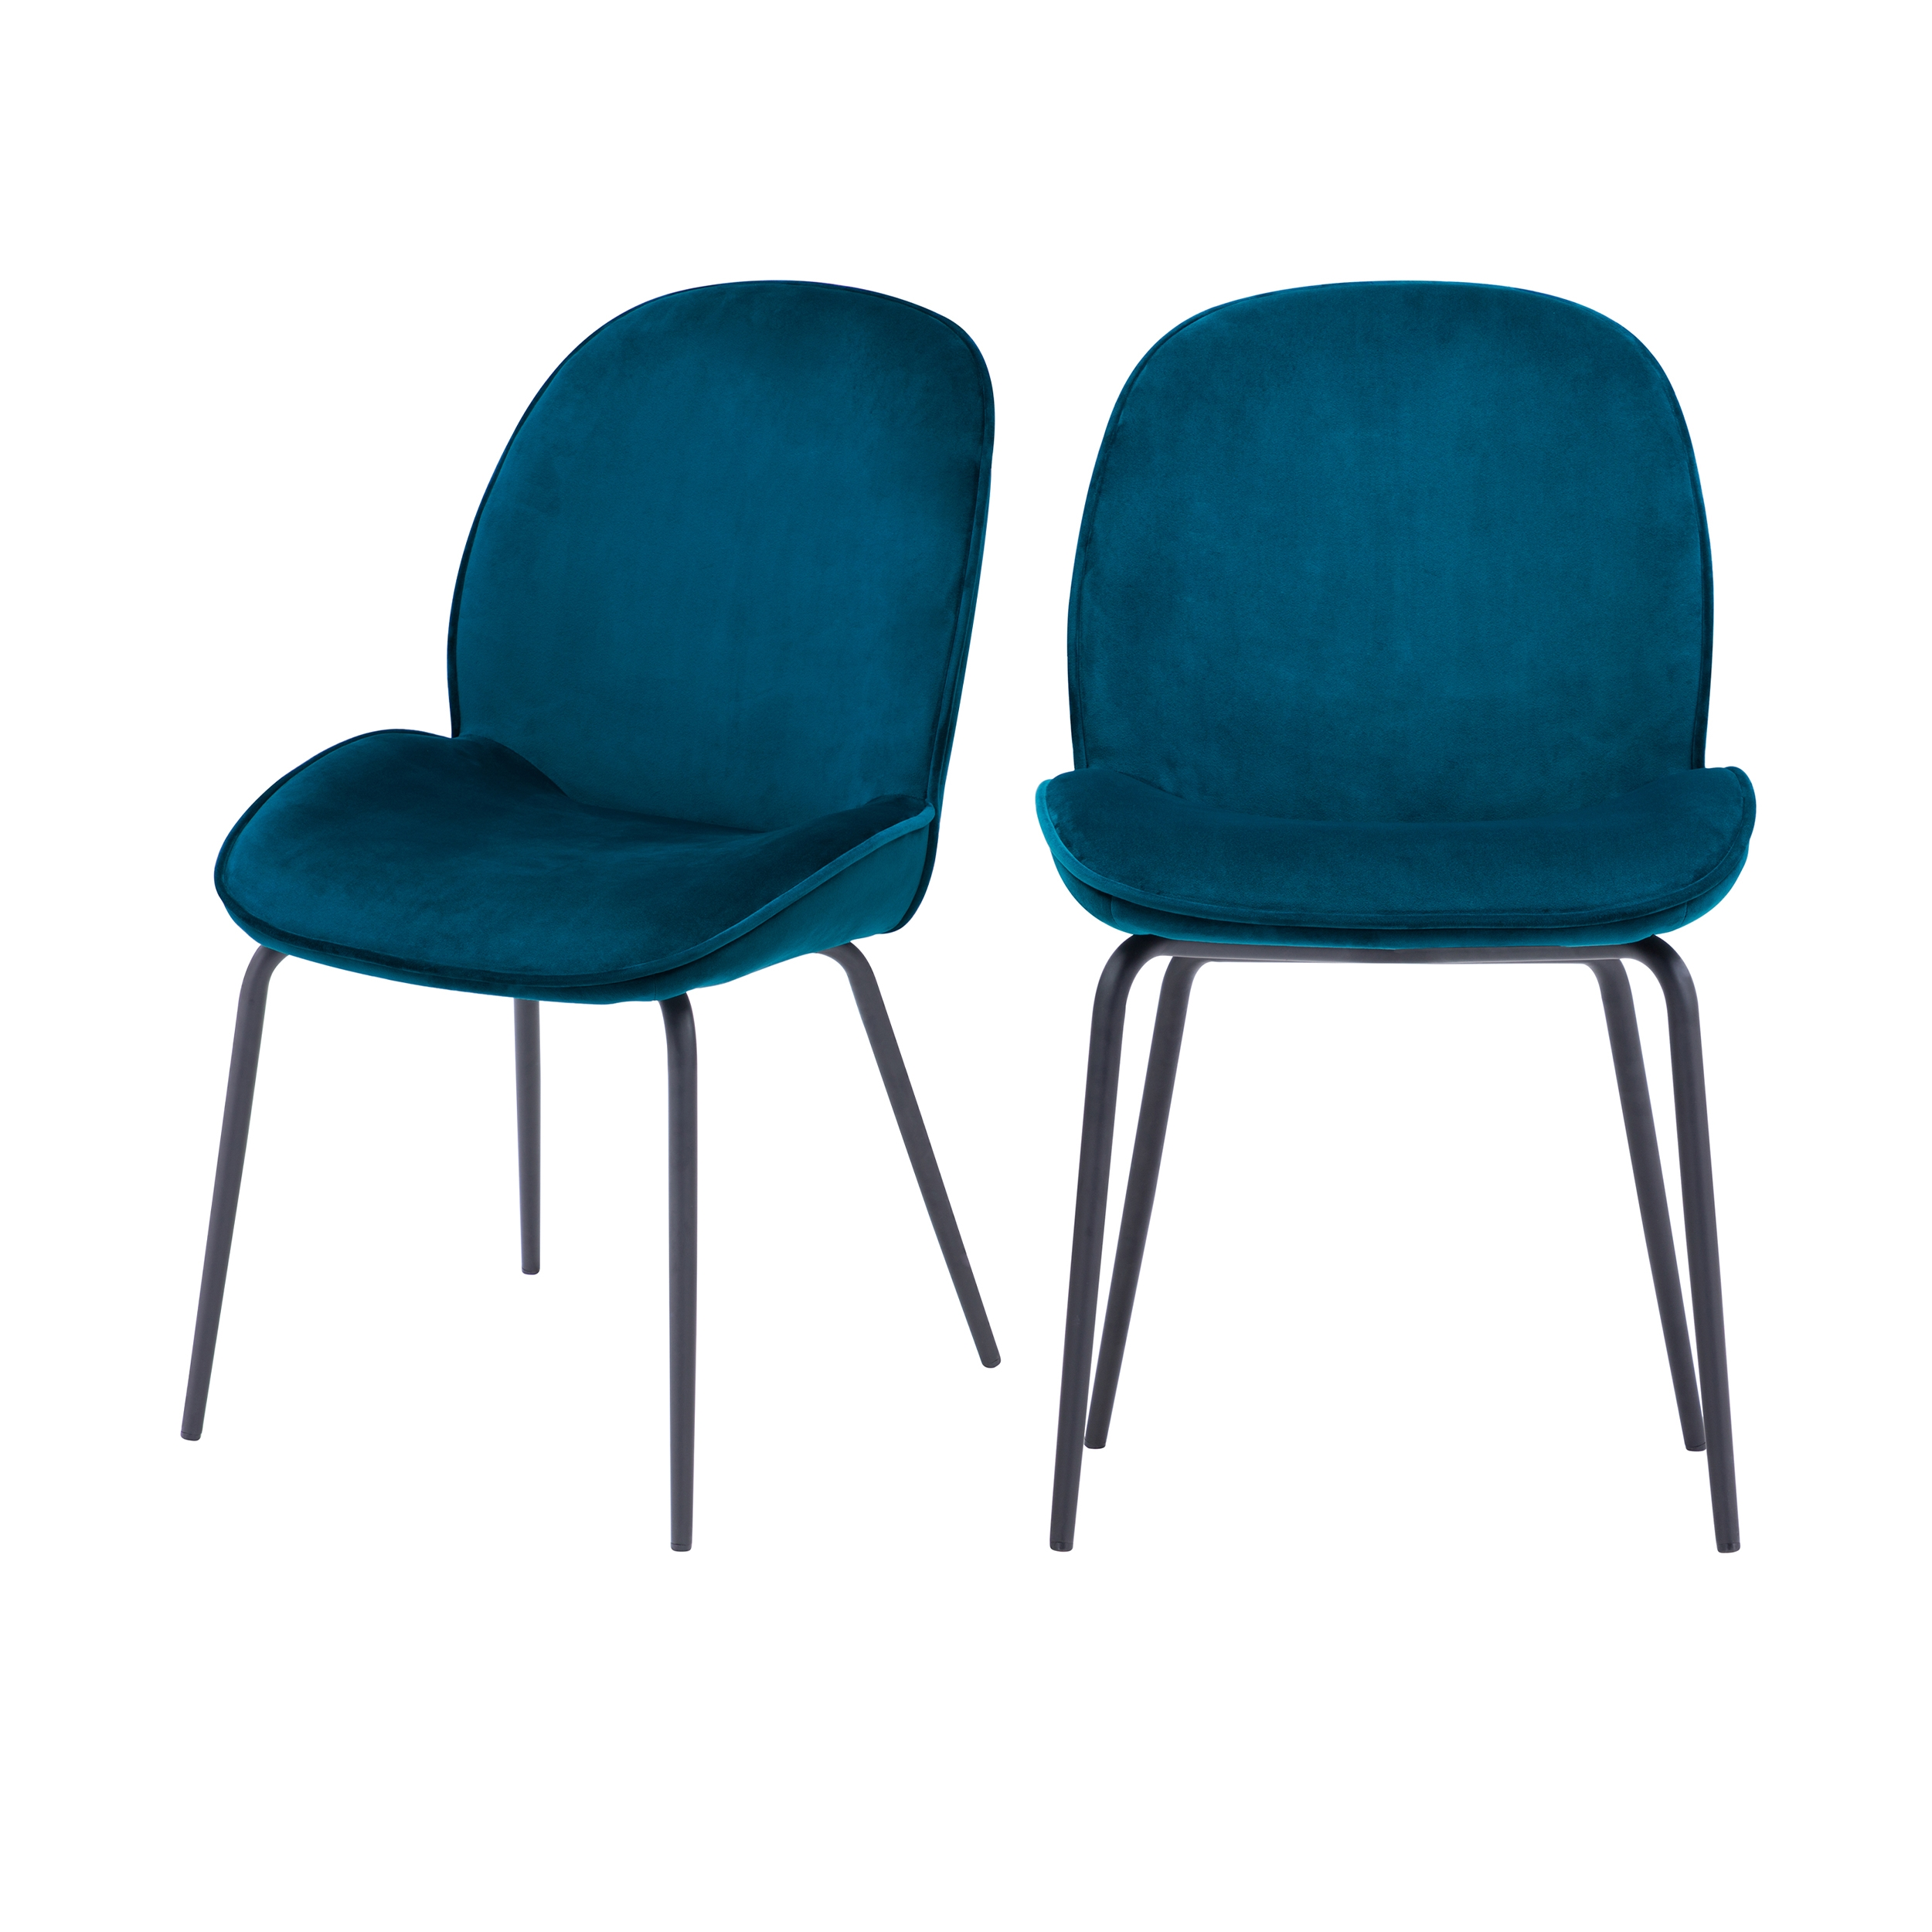 maison du monde Chaise en velours bleu (lot de 2)